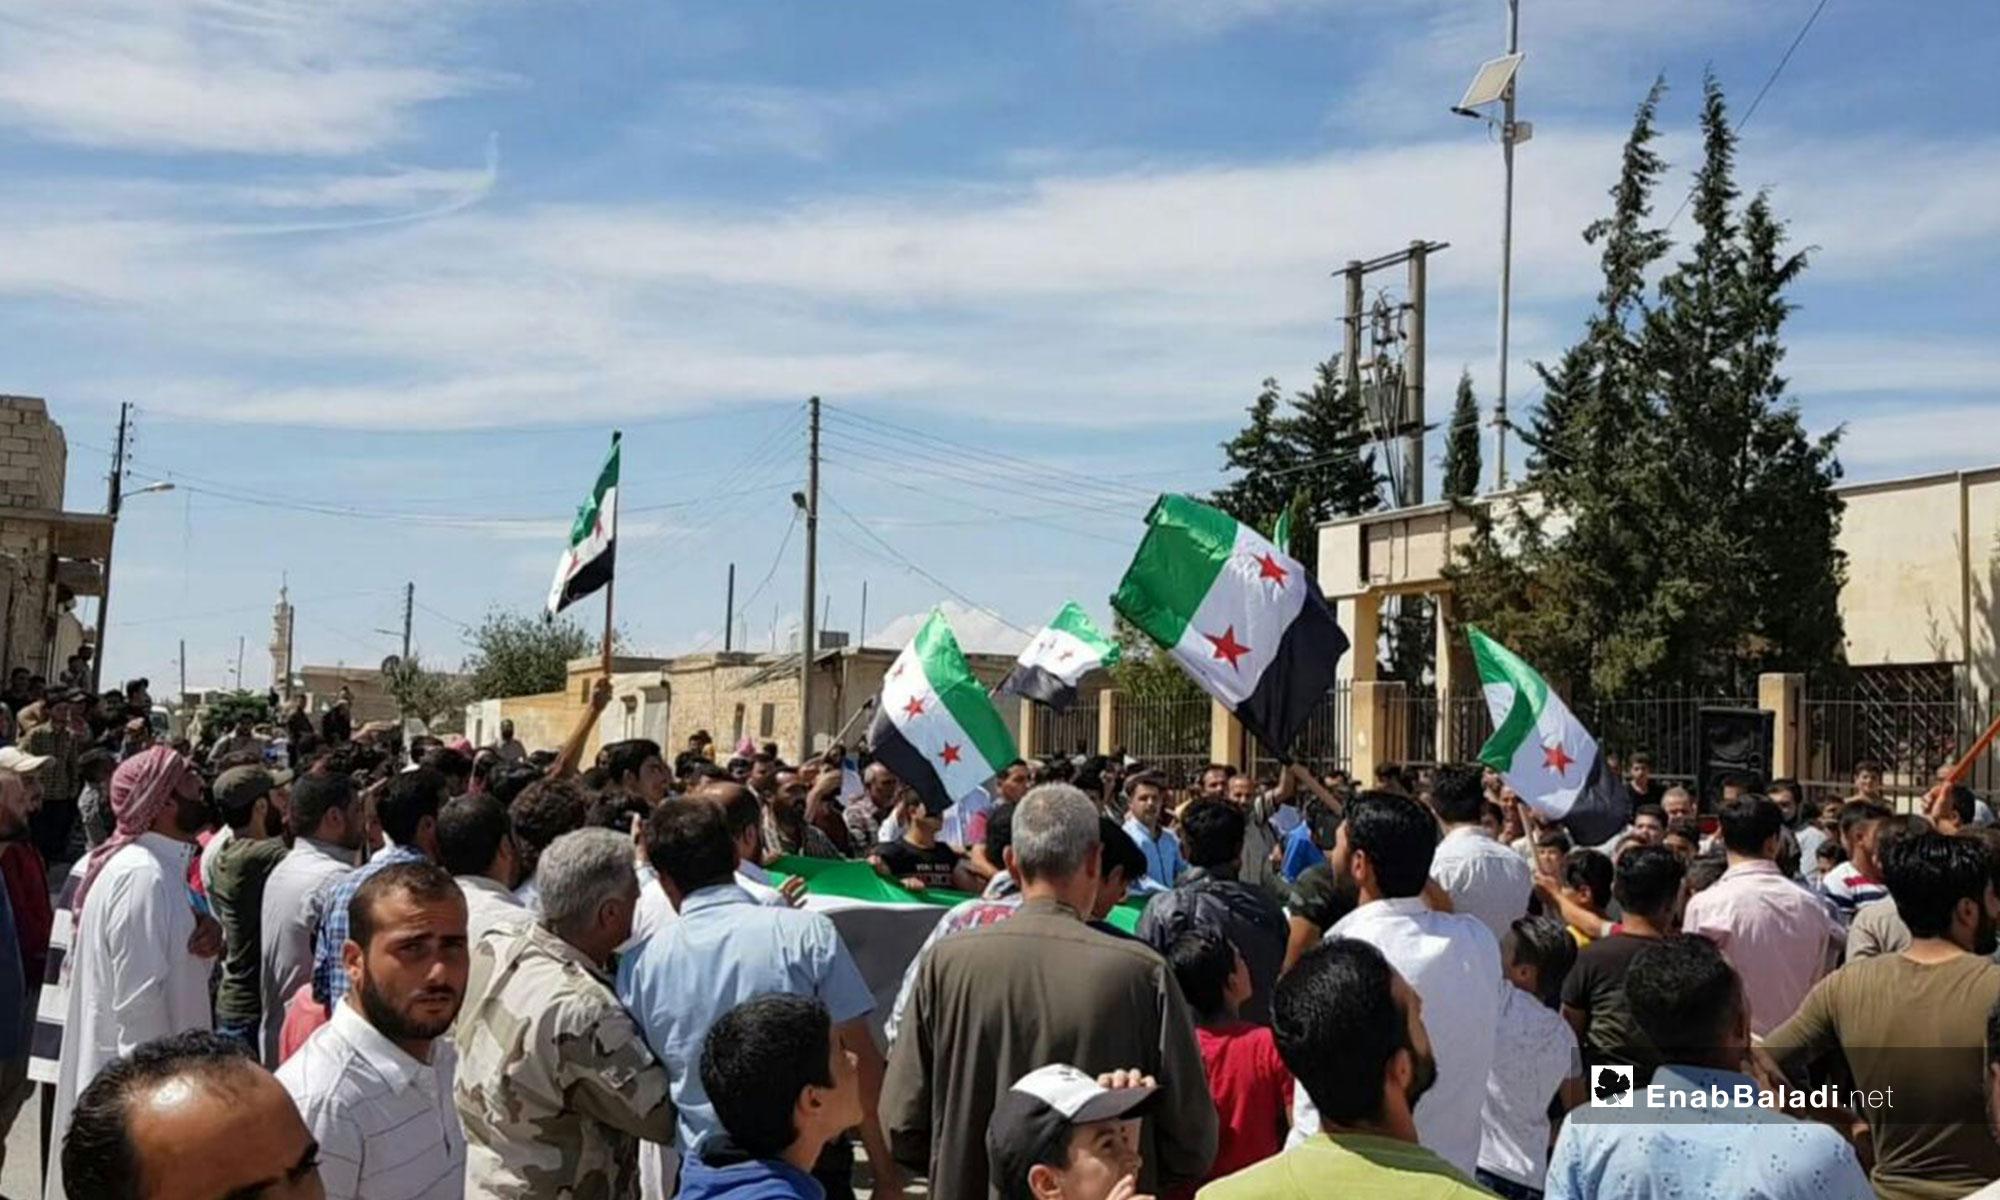 مظاهرة في بلدة أخترين بريف حلب رفضًا للتدخل الروسي في إدلب - 7 من أيلول 2018 (عنب بلدي)